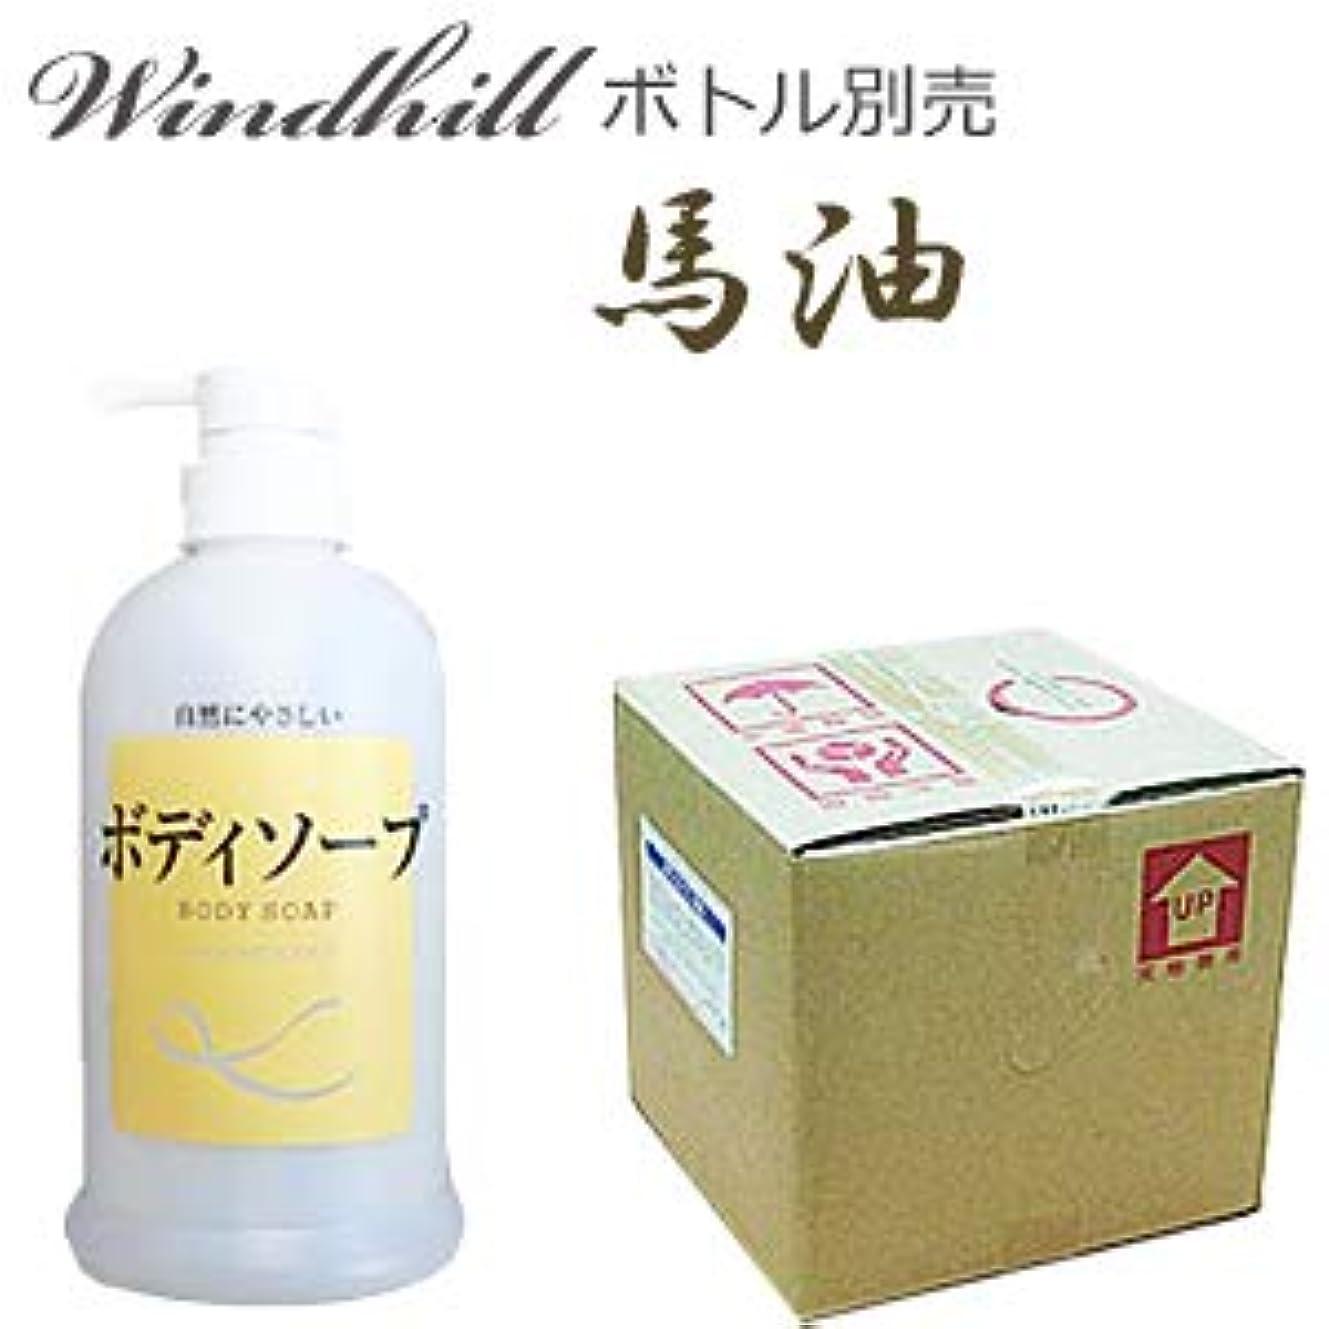 こしょうまた明日ねこしょうなんと! 500ml当り190円 Windhill 馬油 業務用 ボディソープ   フローラルの香り 20L